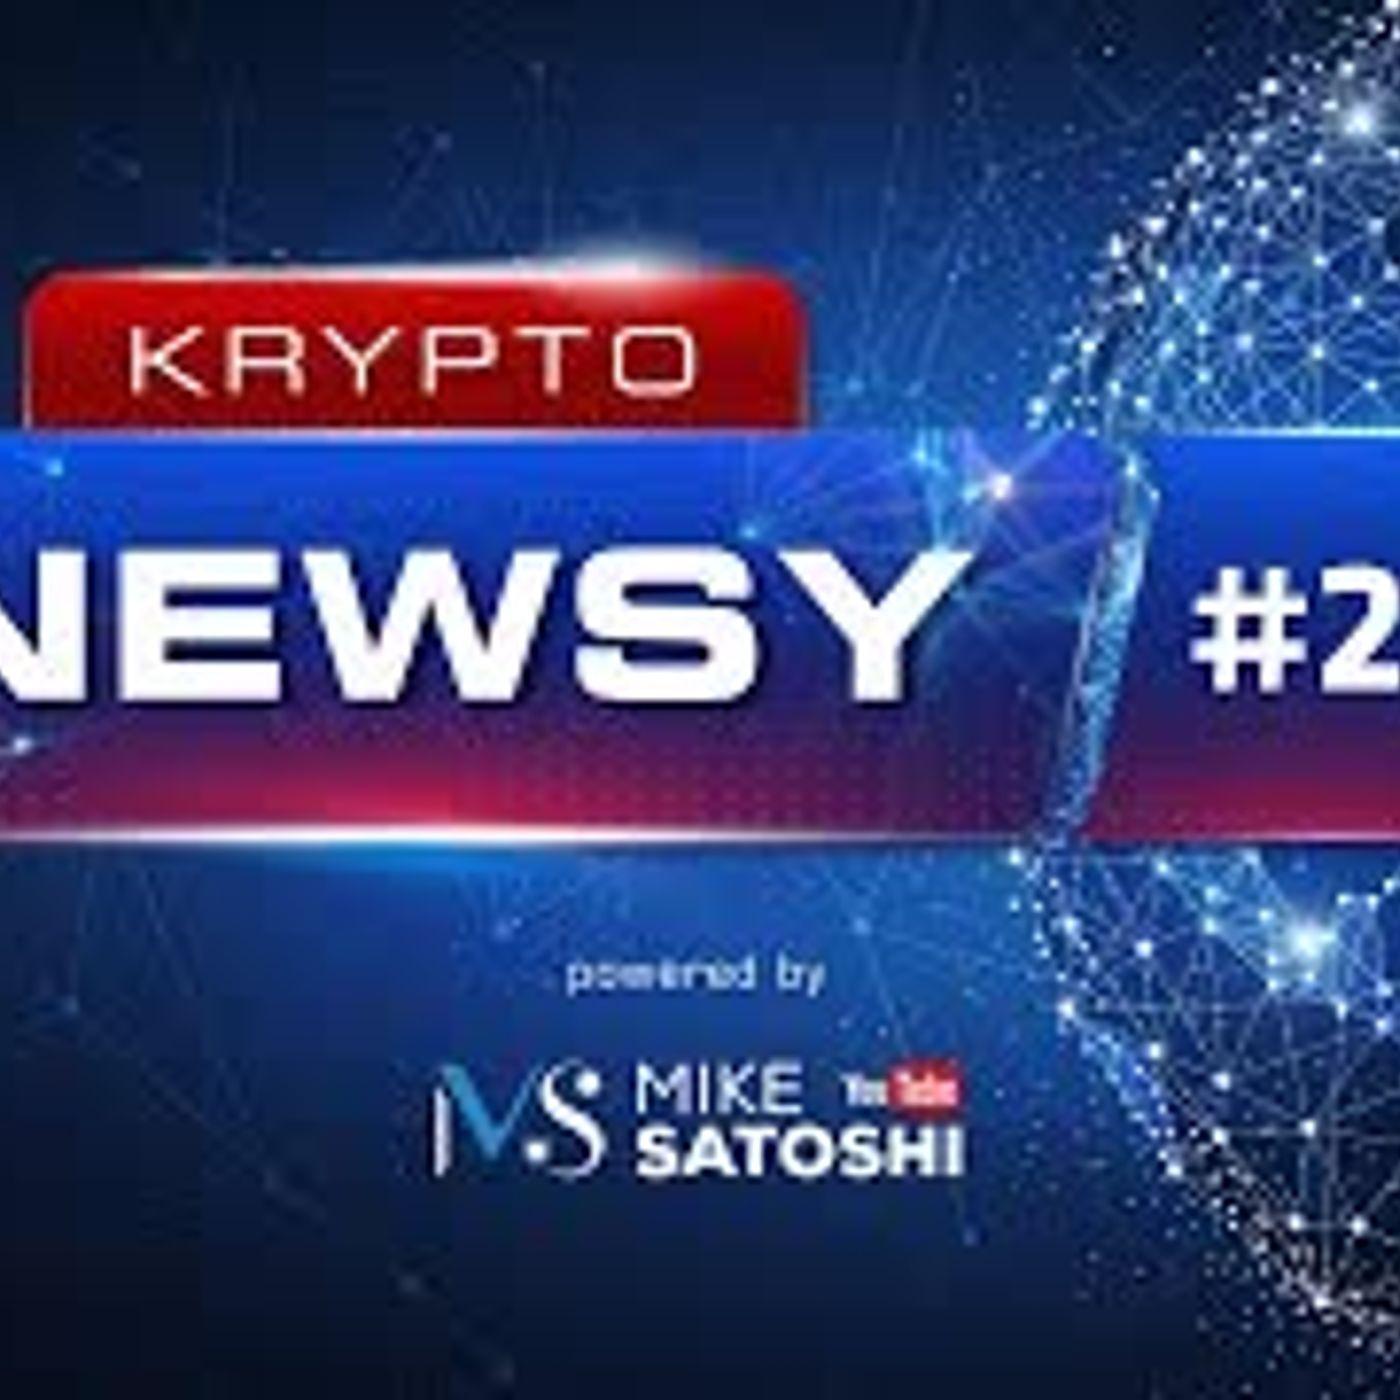 Krypto-Newsy #218 | 23.05.2020 | Bitcoin - kolejna bańka pewna, SEC zabił ICO, Afryka, DeFi i kryptowaluty nie są dla niecierpliwych